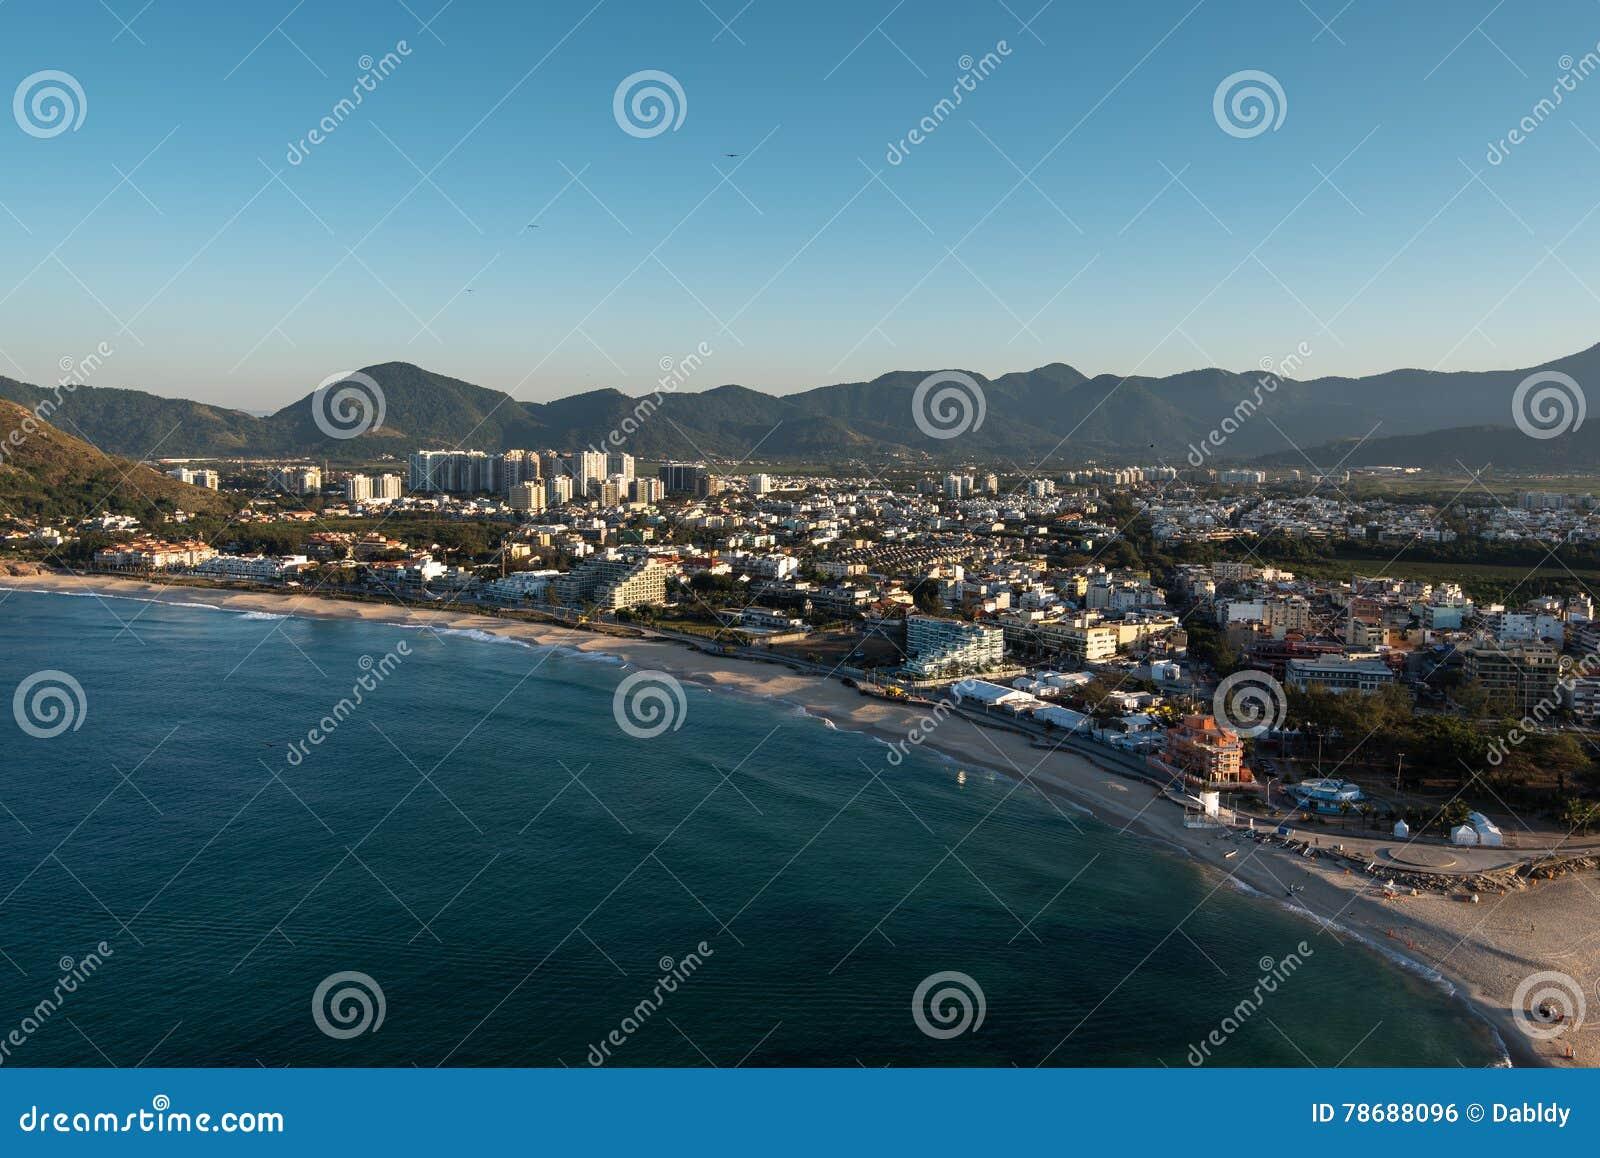 Recreio region i Rio de Janeiro